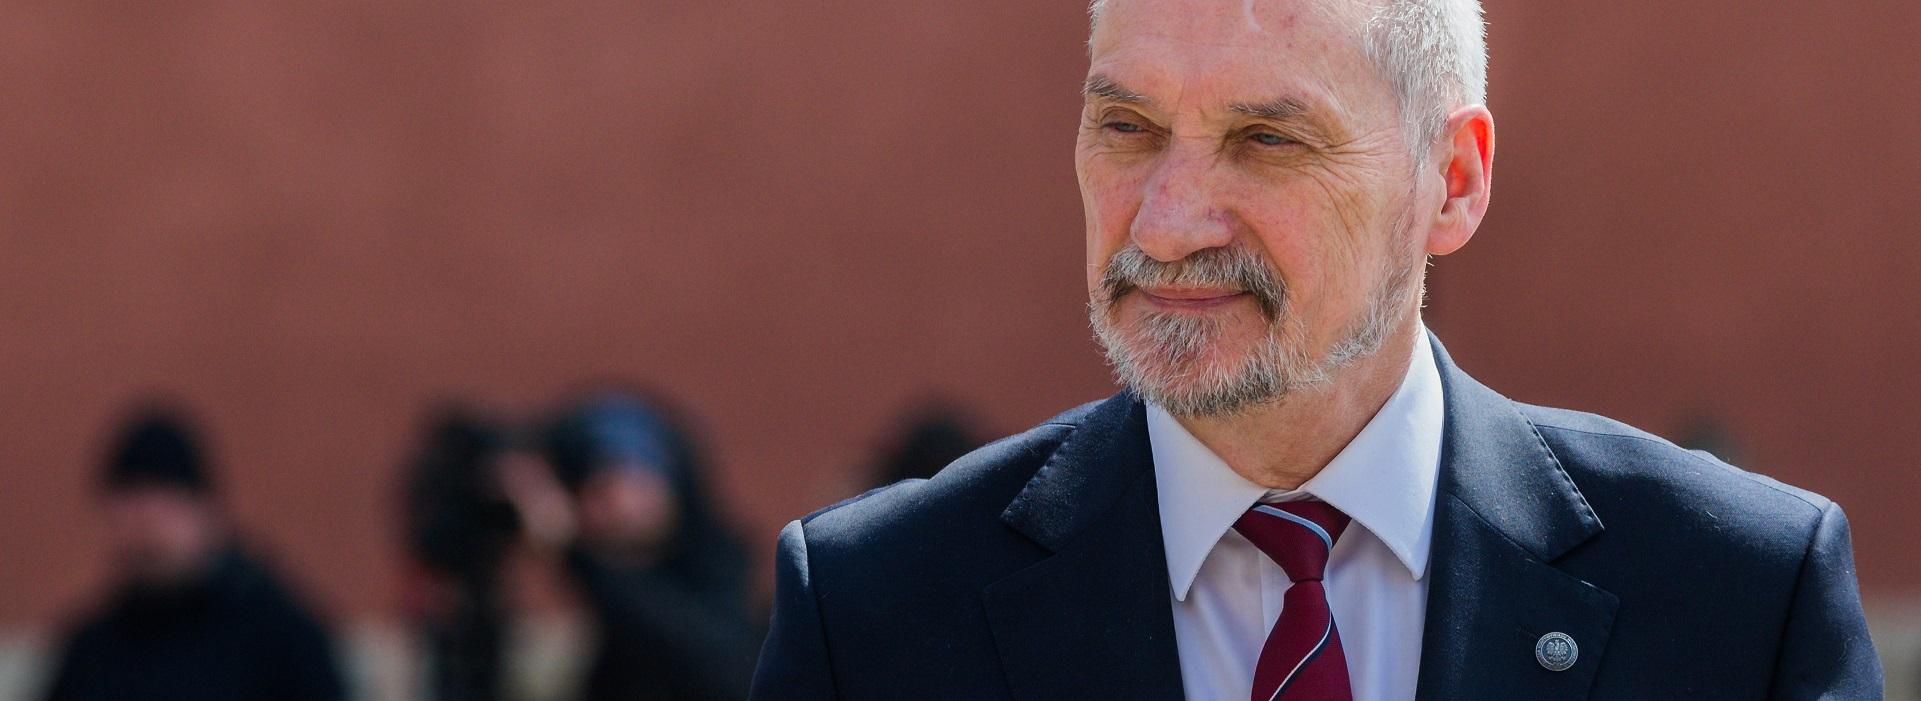 Macierewicz: Raport Podkomisji smoleńskiej na początku przyszłego roku